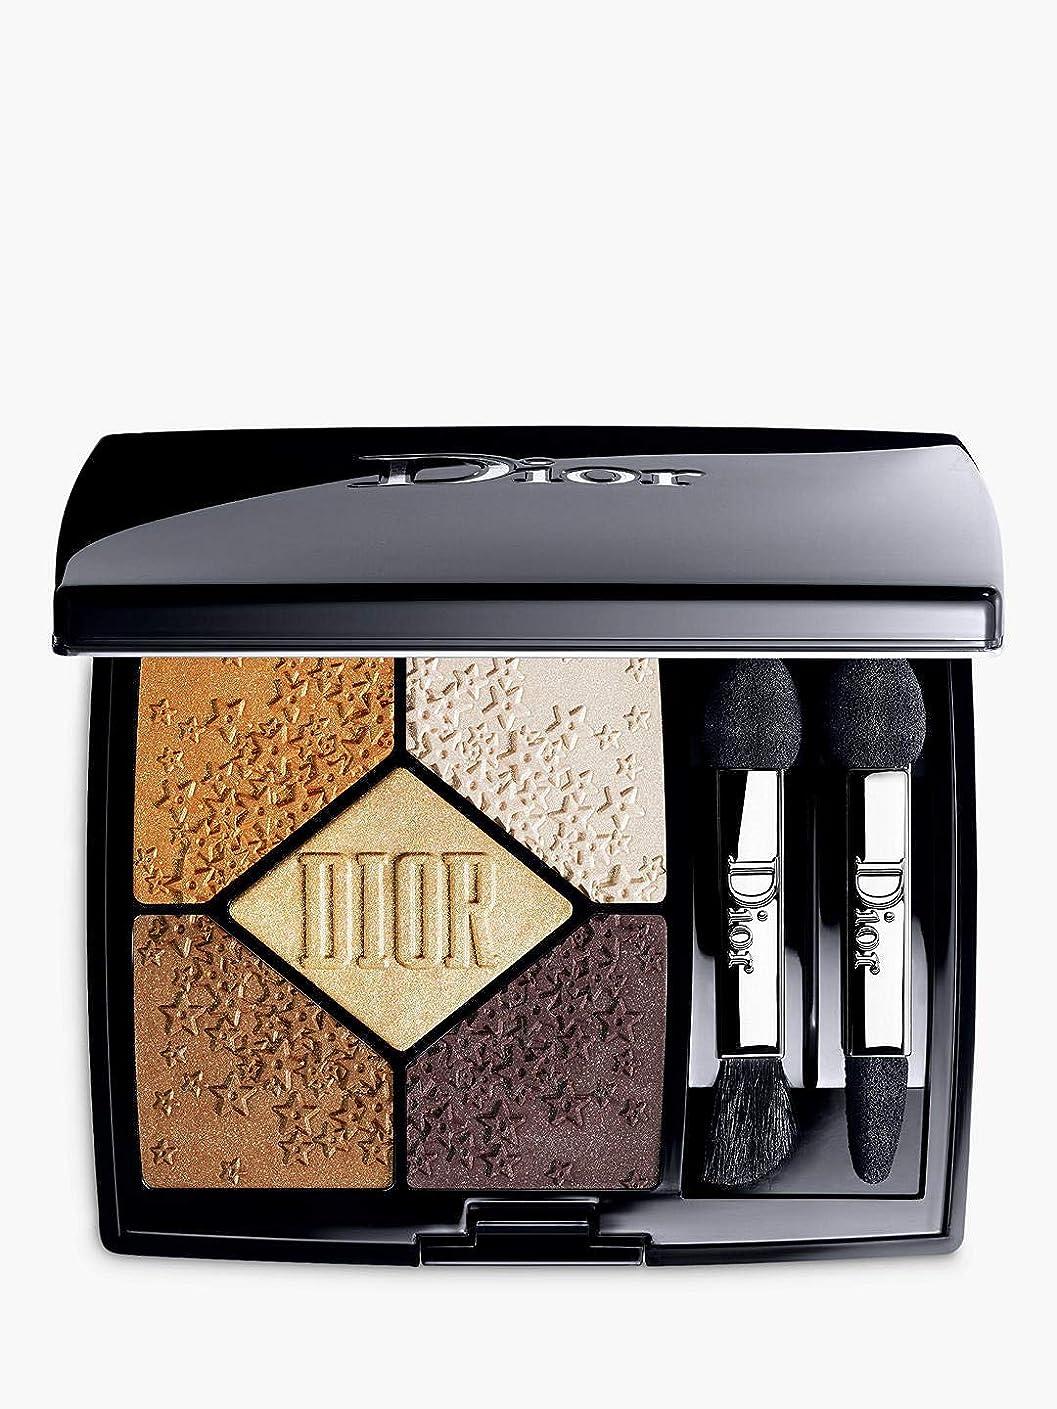 百広がりブラウズディオール ミッドナイト ウィッシュ サンク クルール #617 ラッキースター スター 限定色 Dior